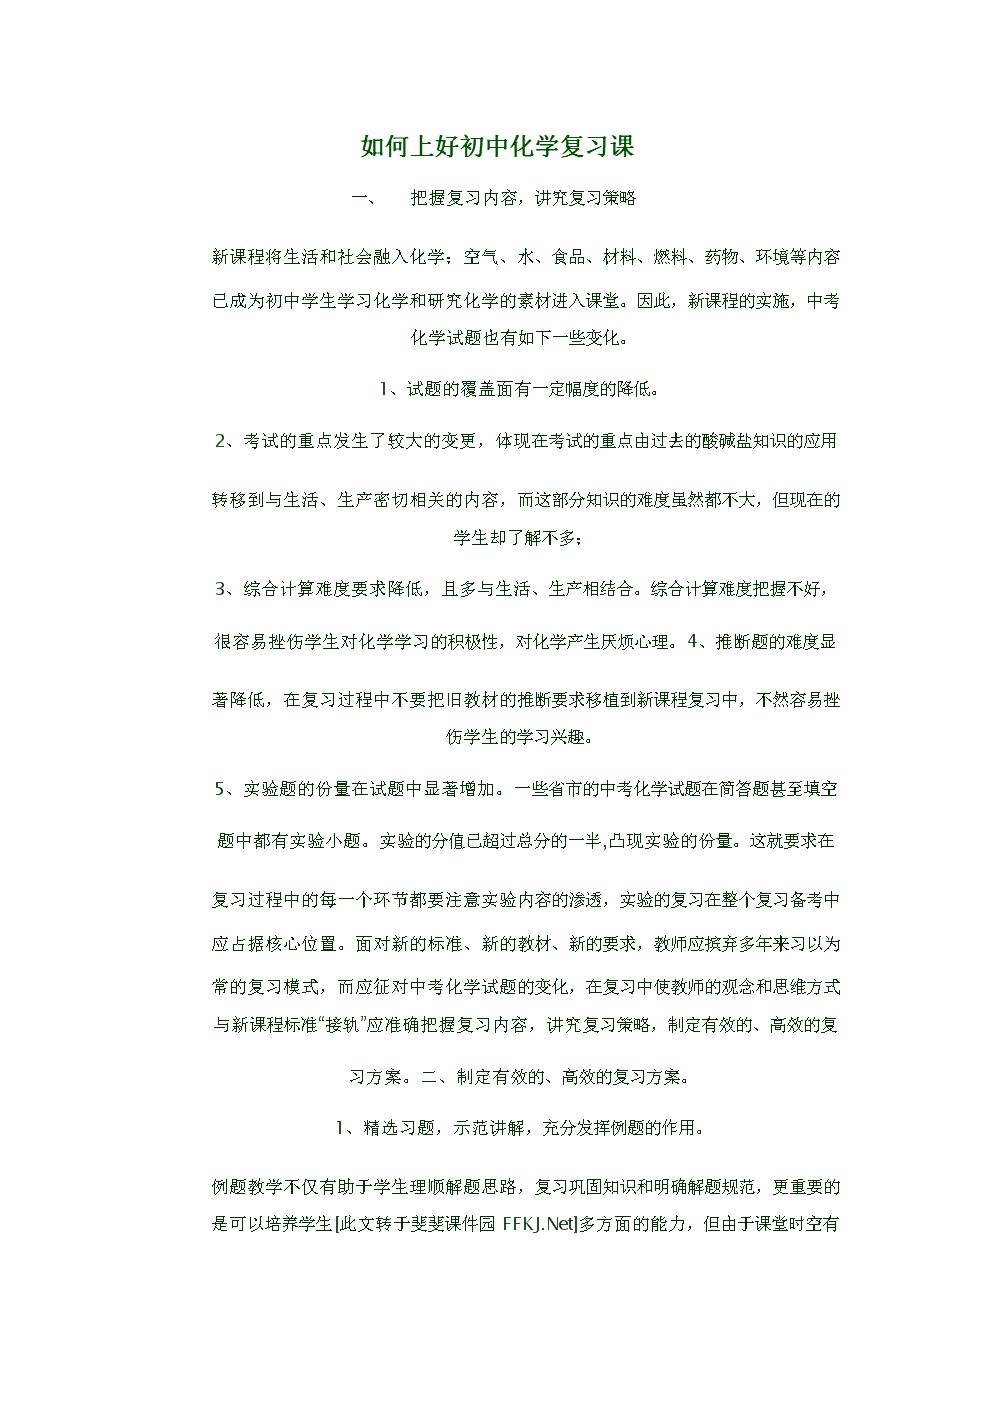 初三广告化学反思详细补课.doc分析教学初中生图片